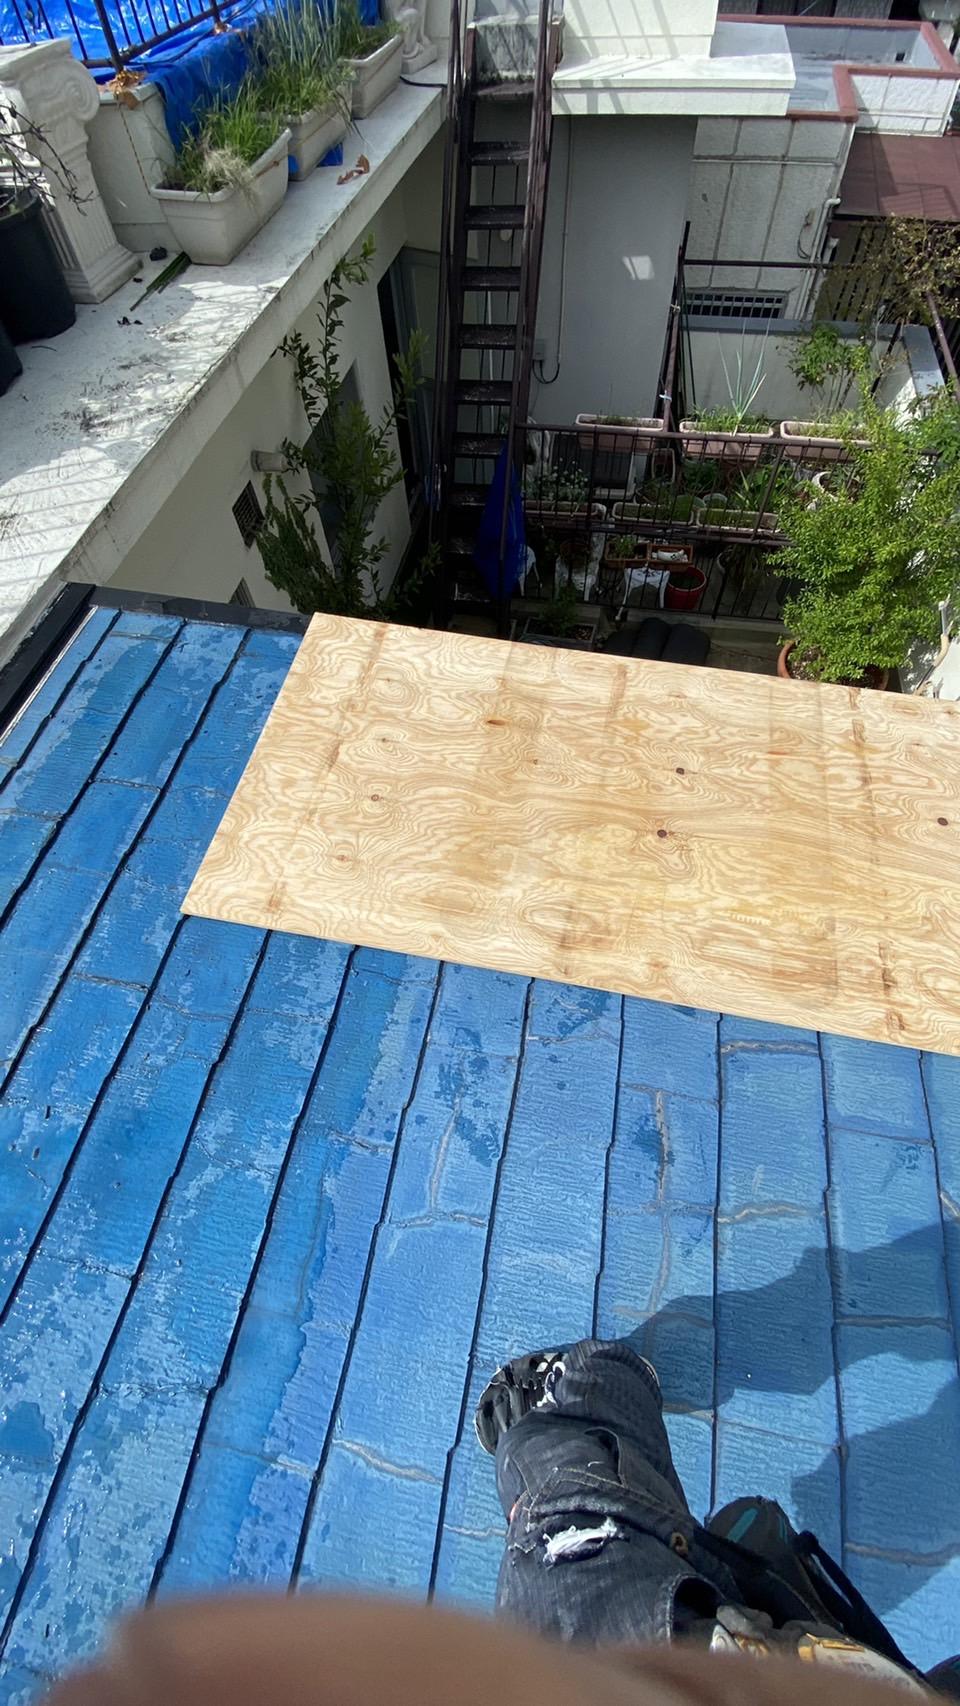 傾斜の緩い屋根に下地用合板を葺いている様子